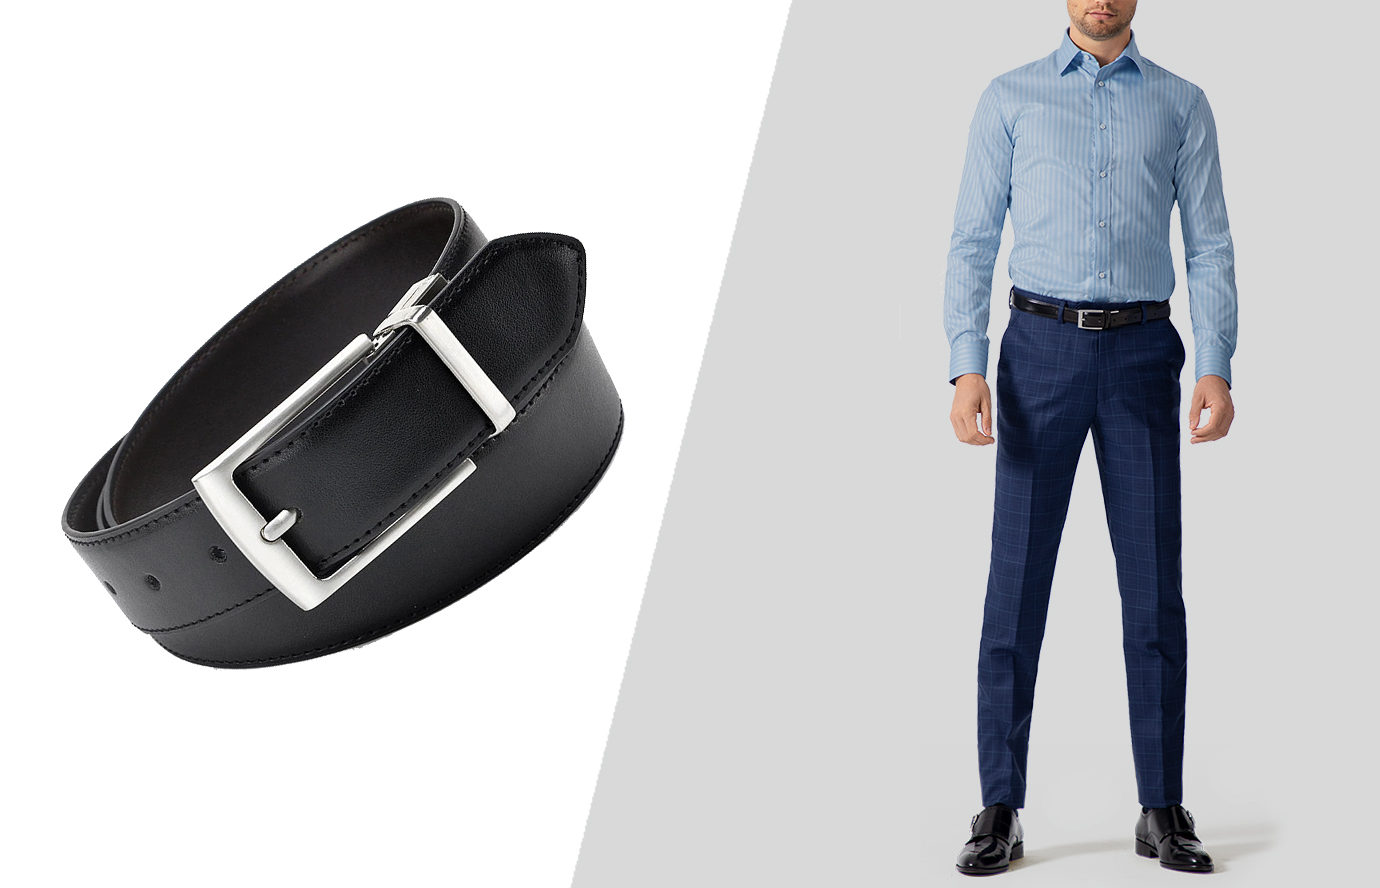 how to wear formal dress belt